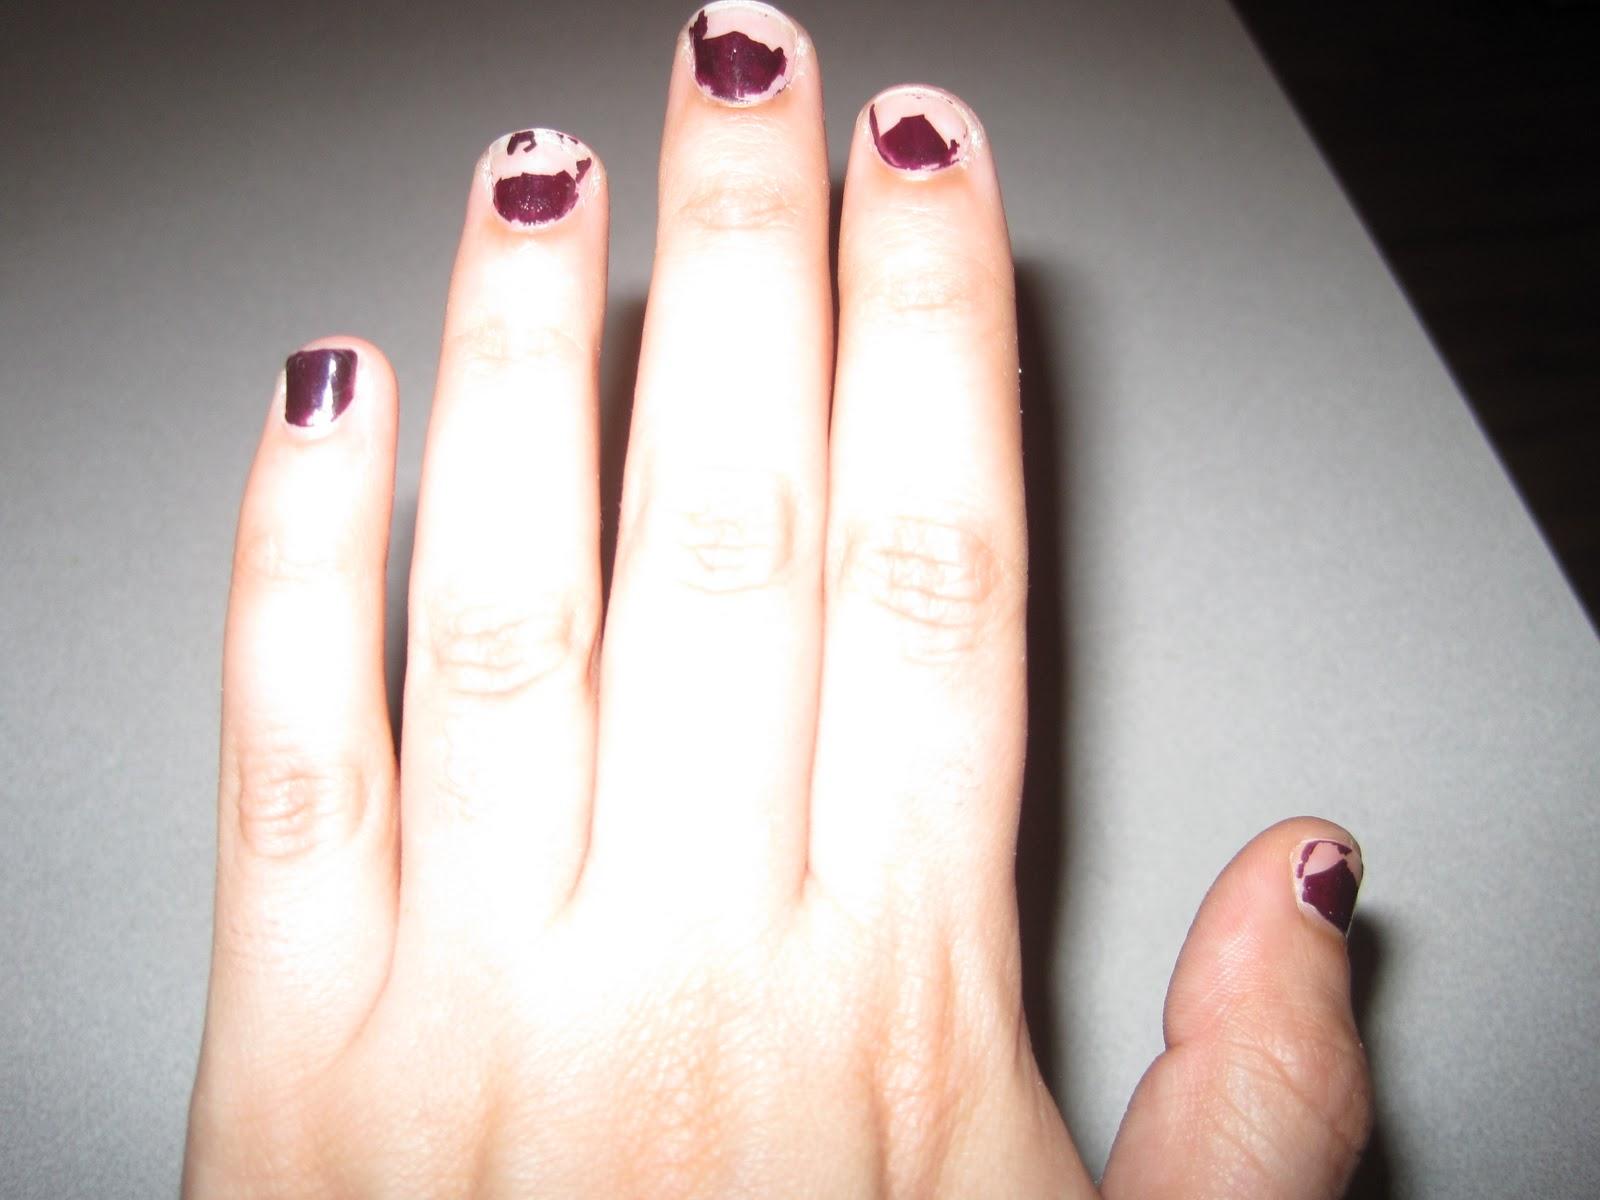 Самые страшные ногти на руках фото